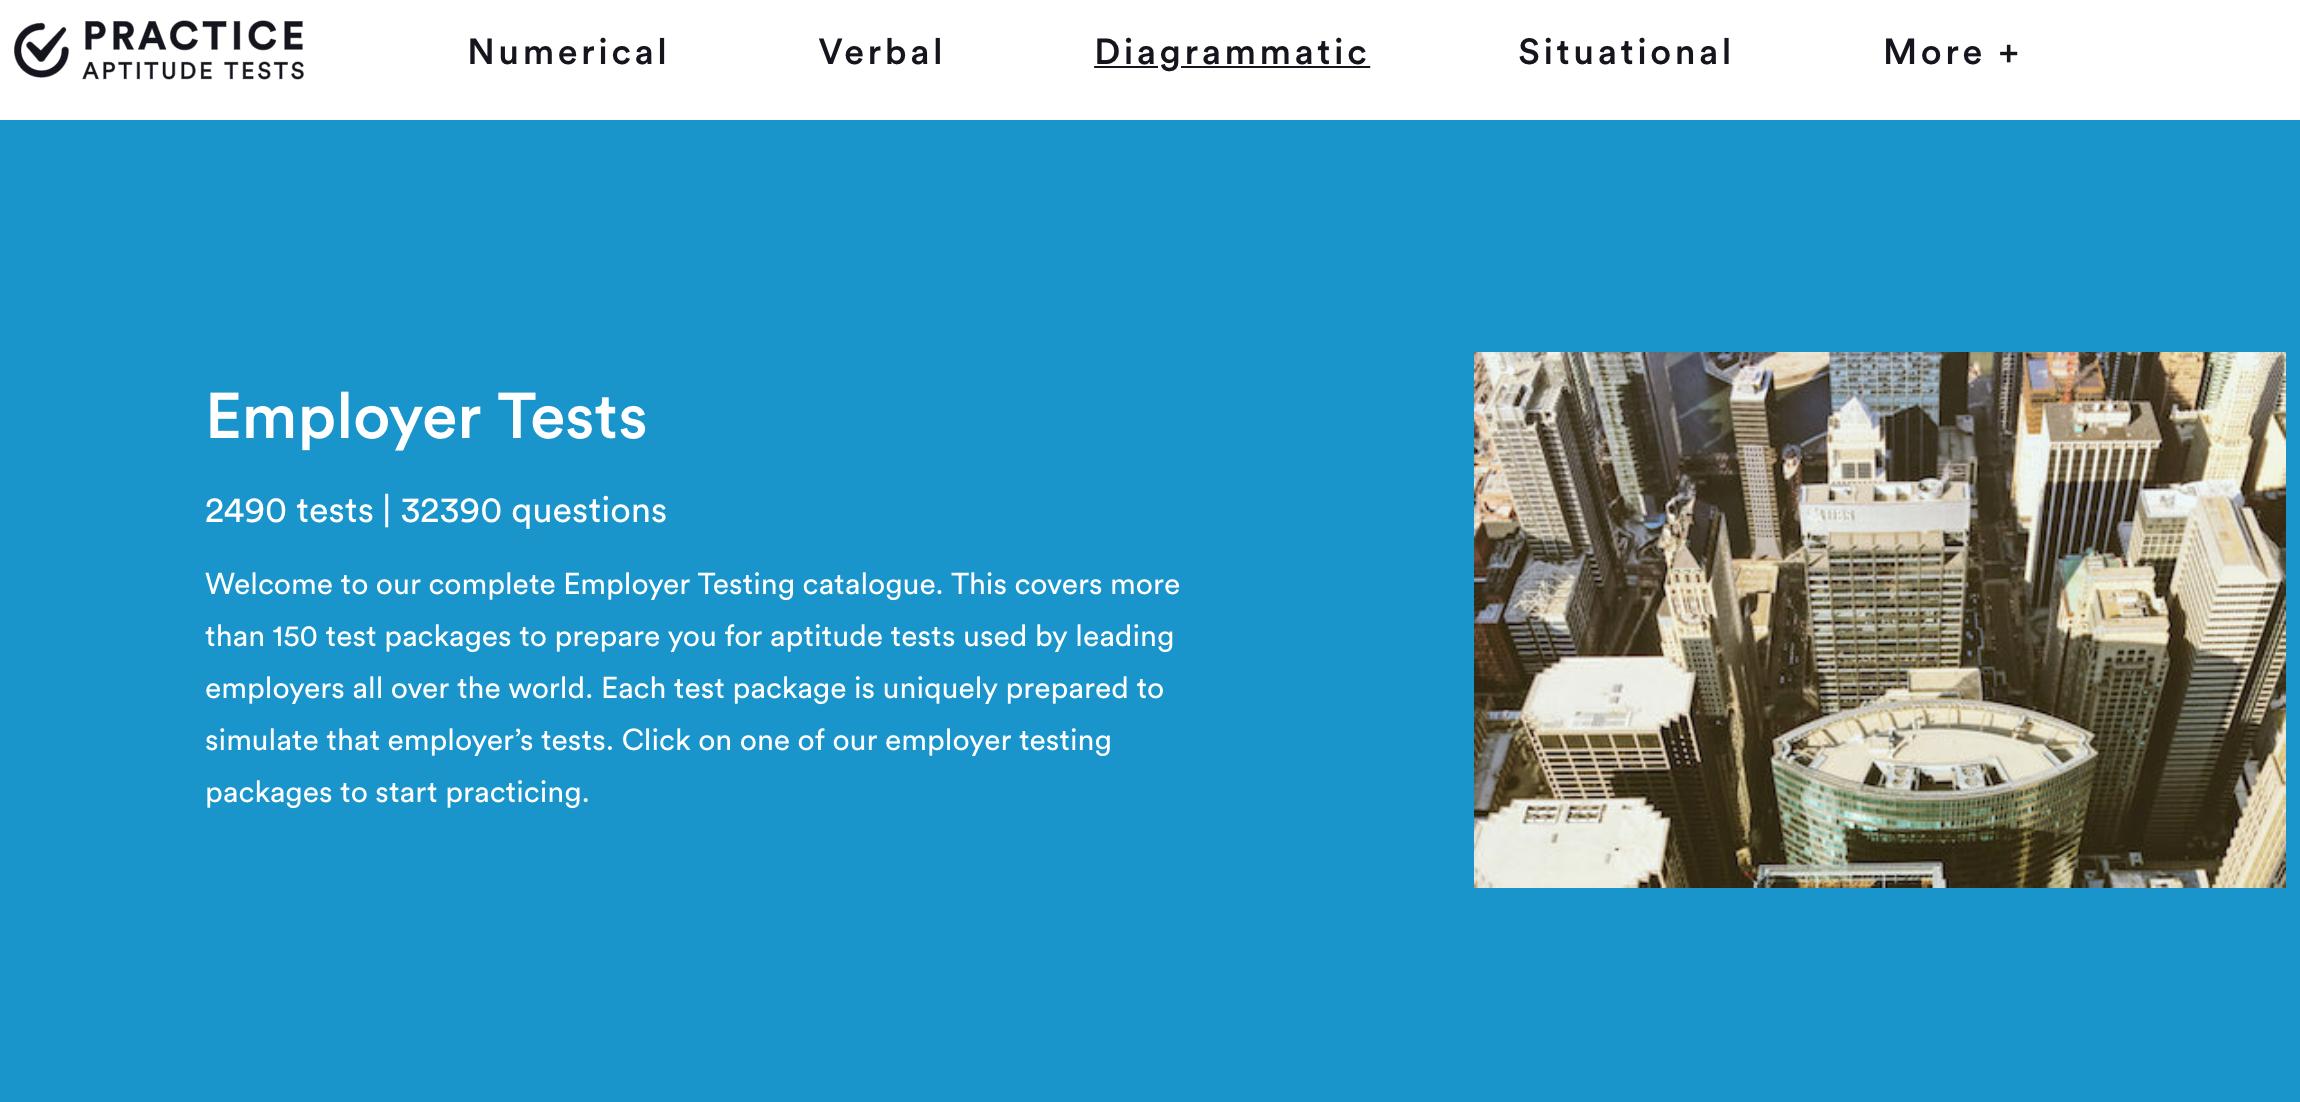 practice aptitude tests 网站的截屏